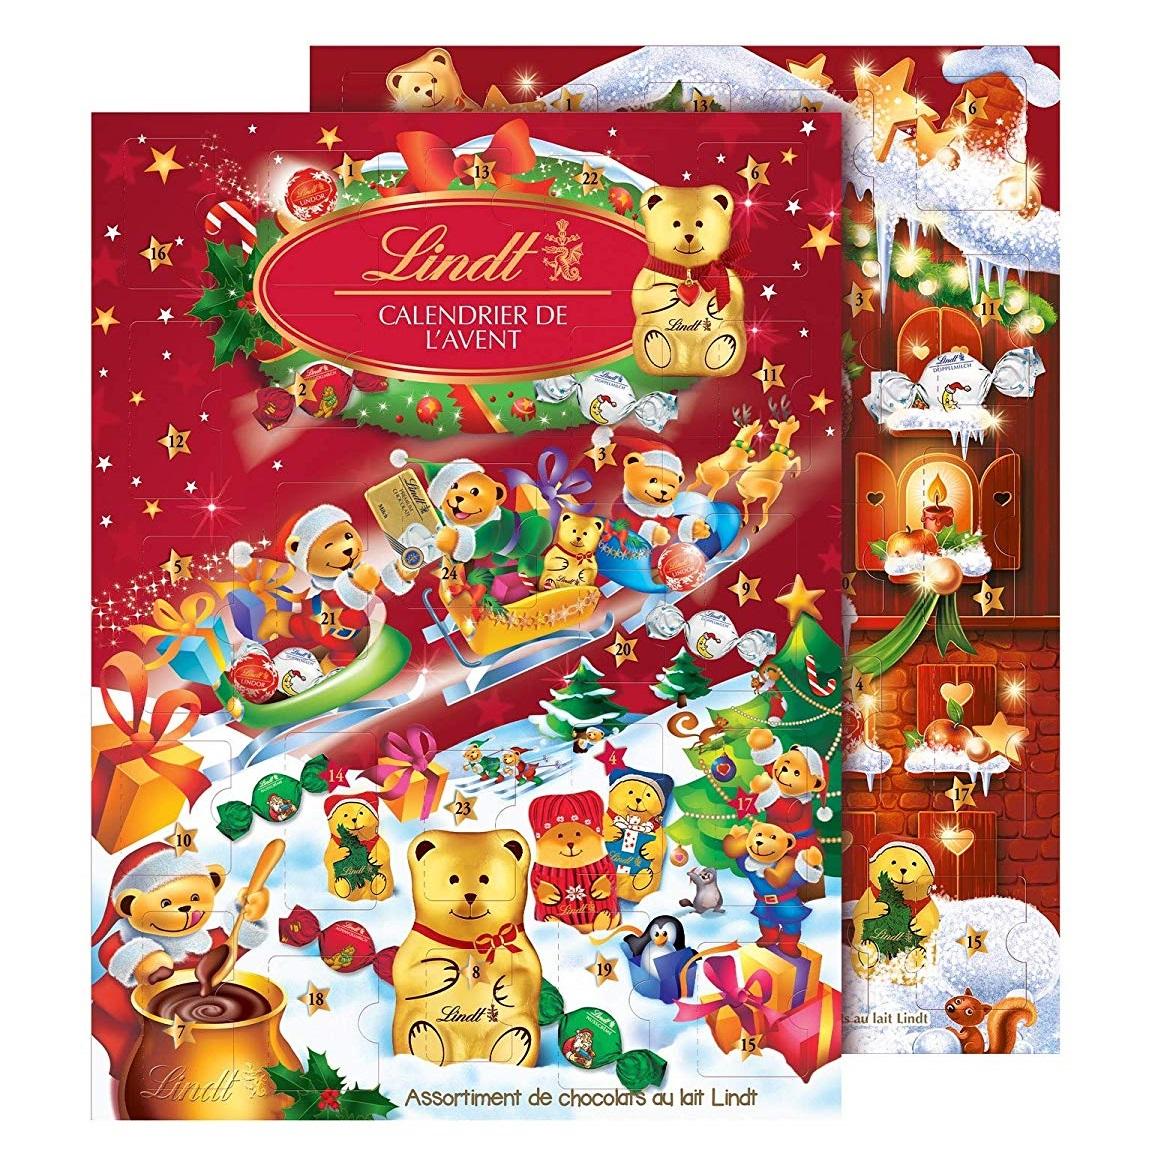 calendrier-de-l-avent-ours-lindt